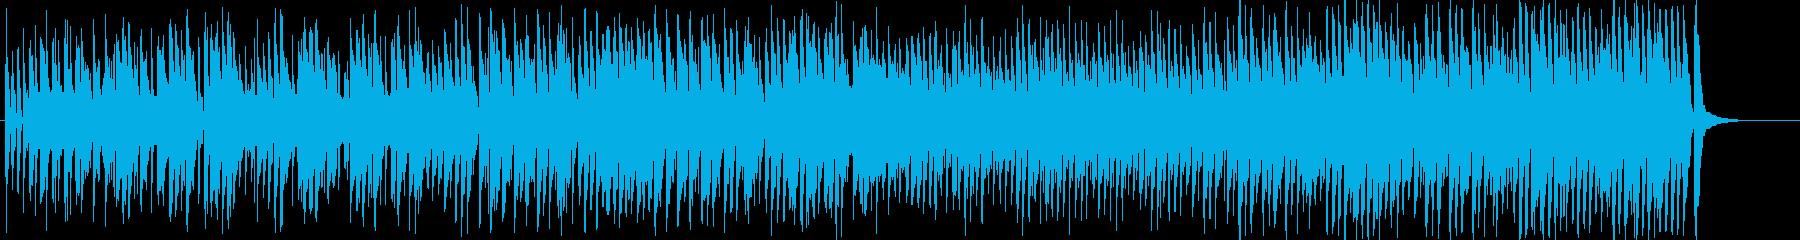 クリスマス 木琴 ハープ Chri...の再生済みの波形